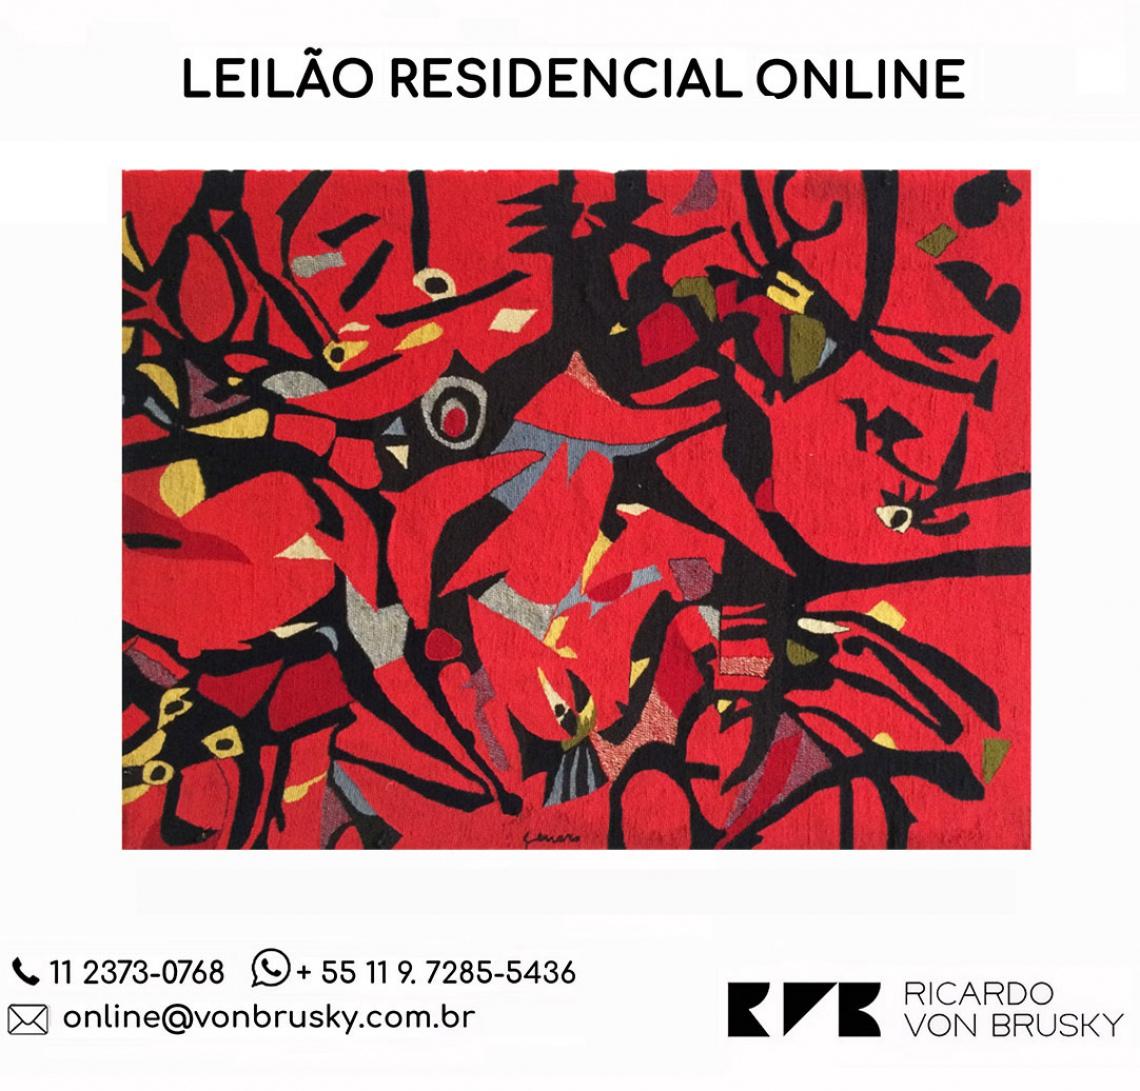 Leilão Residencial Online | Coleção Giampaolo Maffei, Lisette Mathias Maffei e Outros